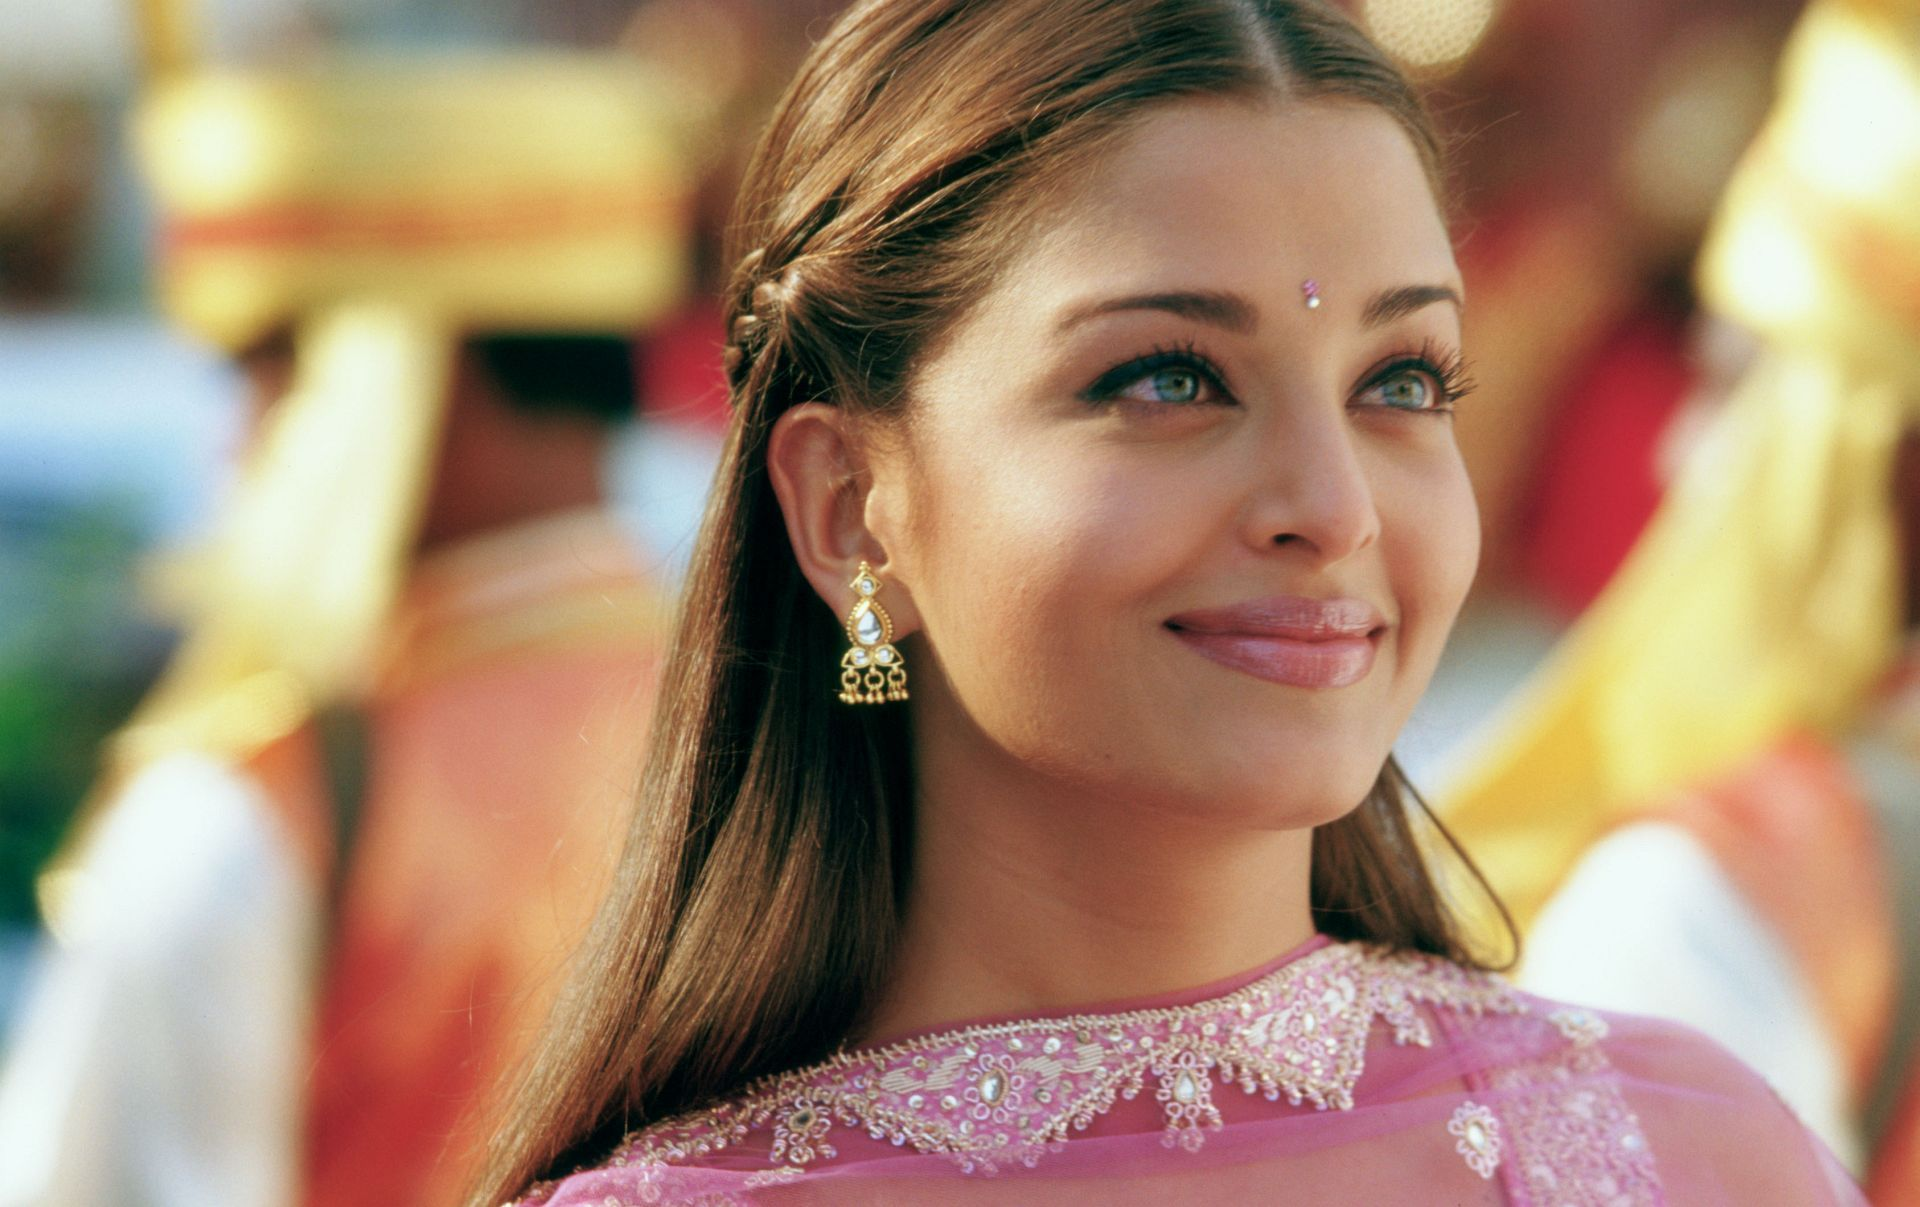 Aishwarya Rai In Bride And Prejudice Most Beautiful Women Bollywood Makeup Bride And Prejudice